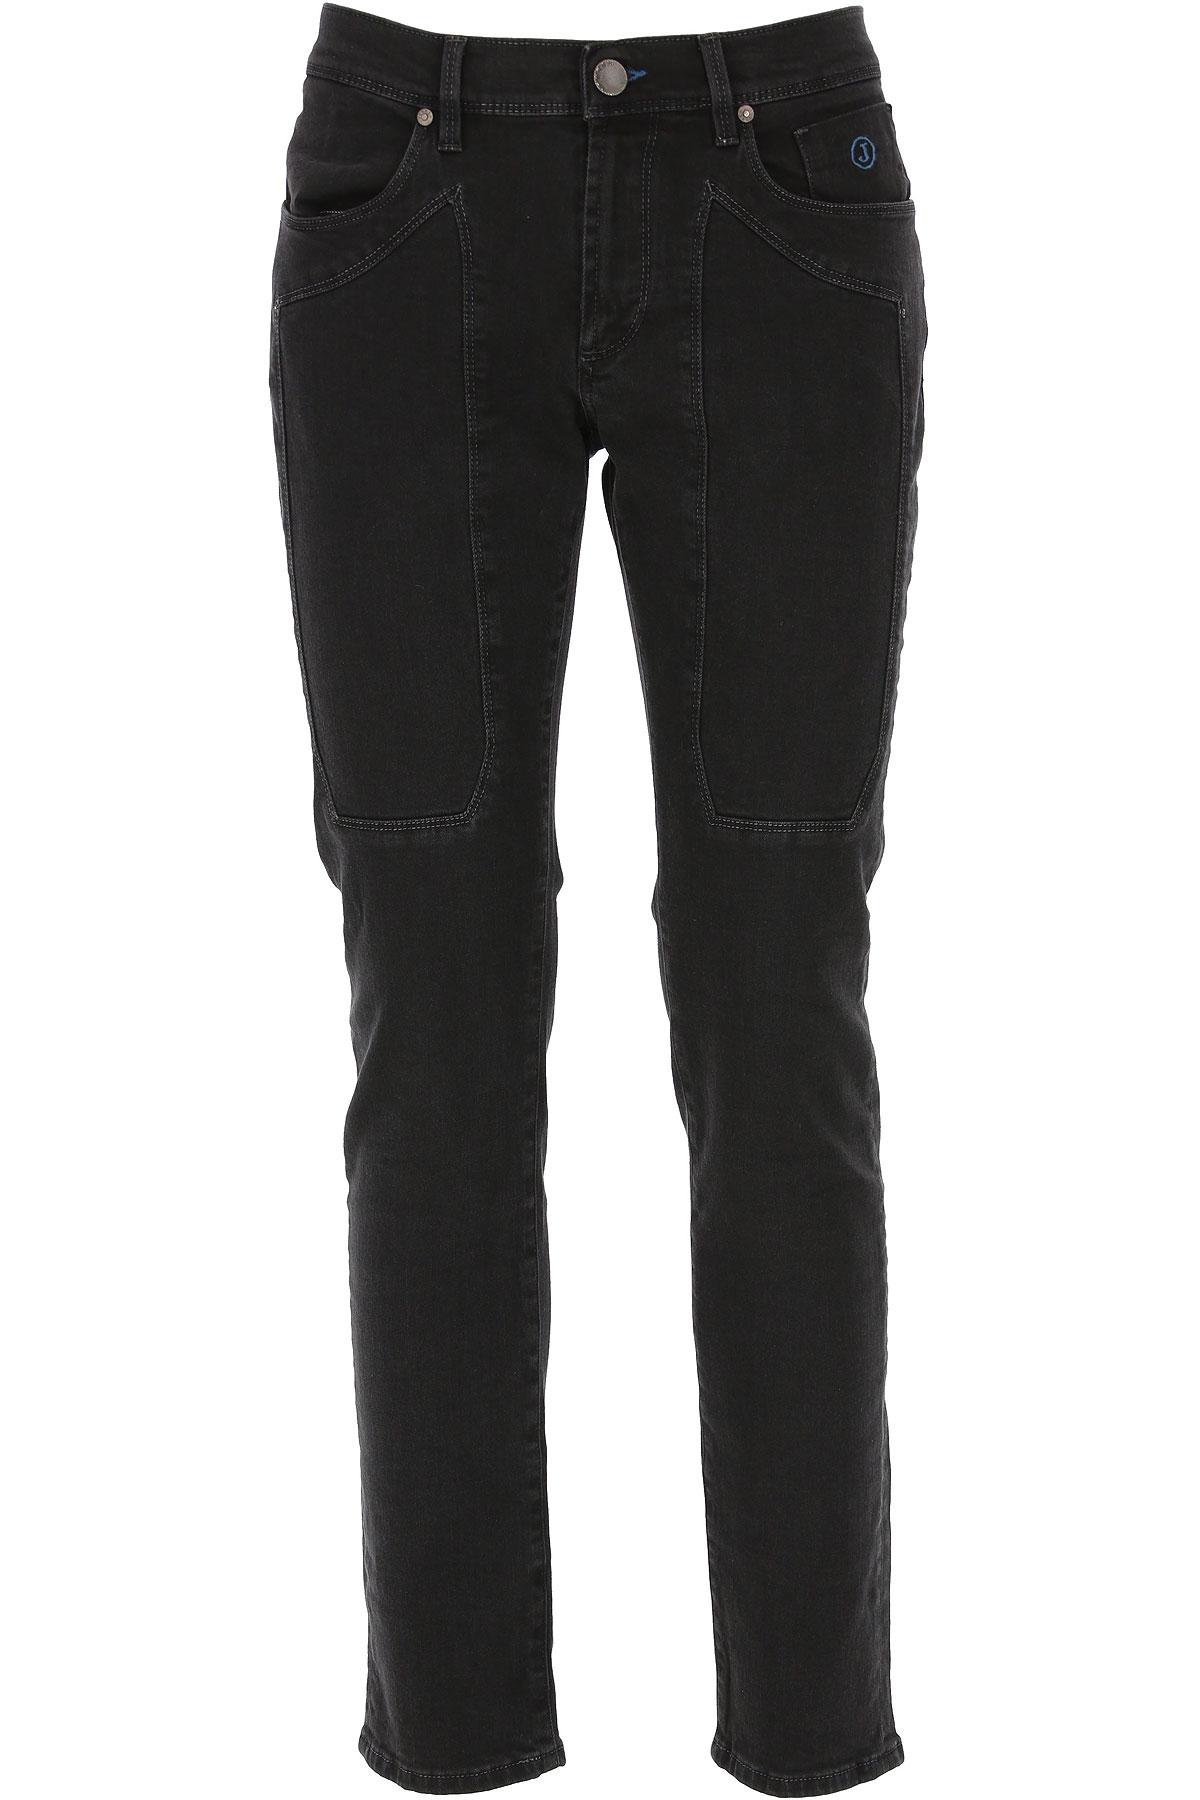 Jeckerson Jeans On Sale, Black, Cotton, 2019, 31 32 34 36